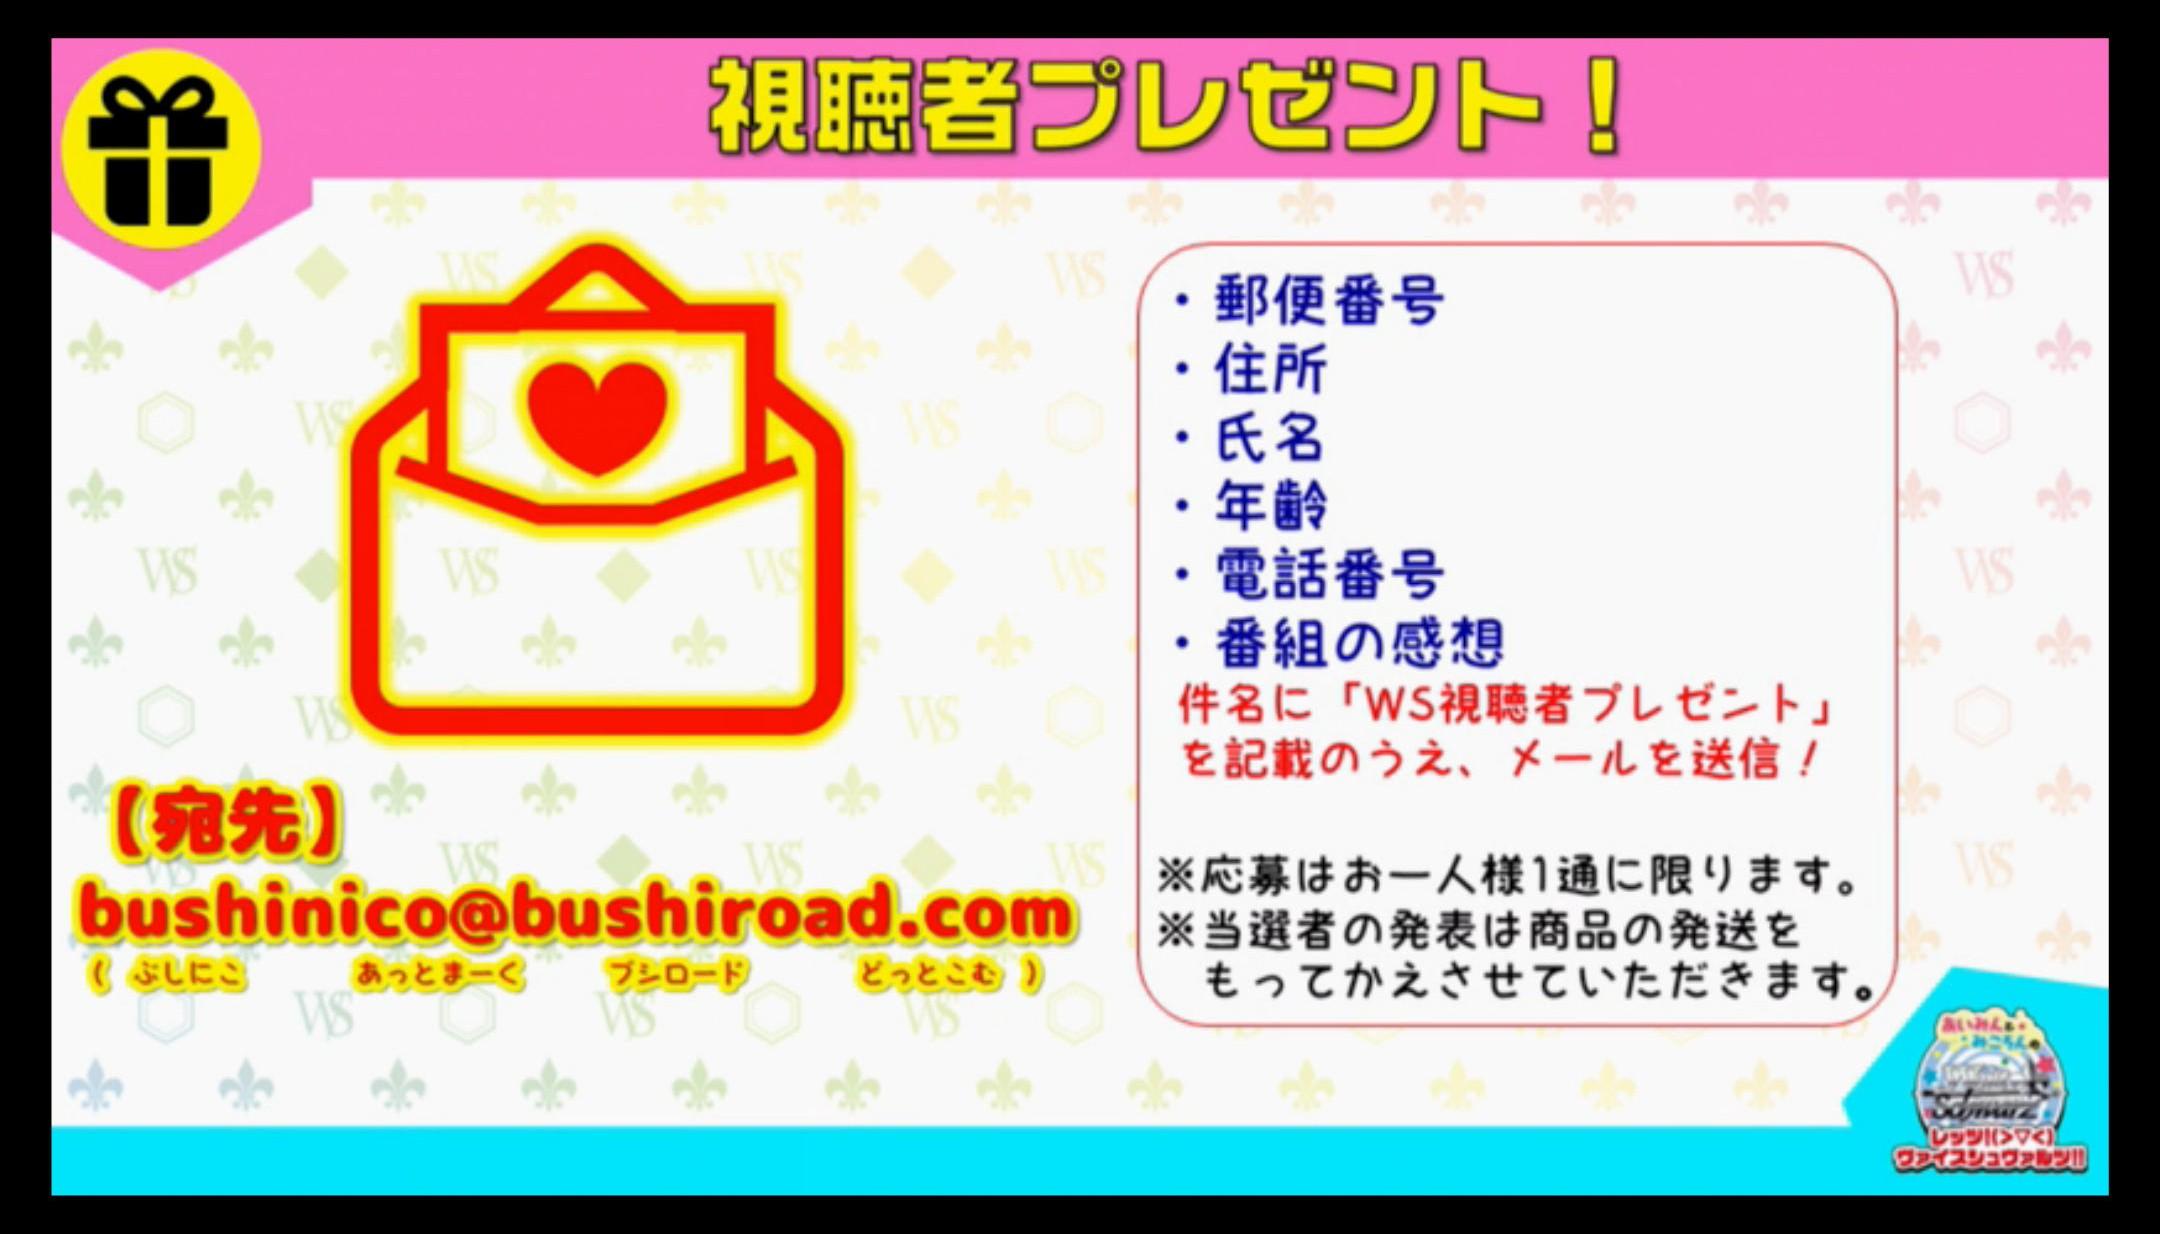 bshi-live-171215-019.jpg